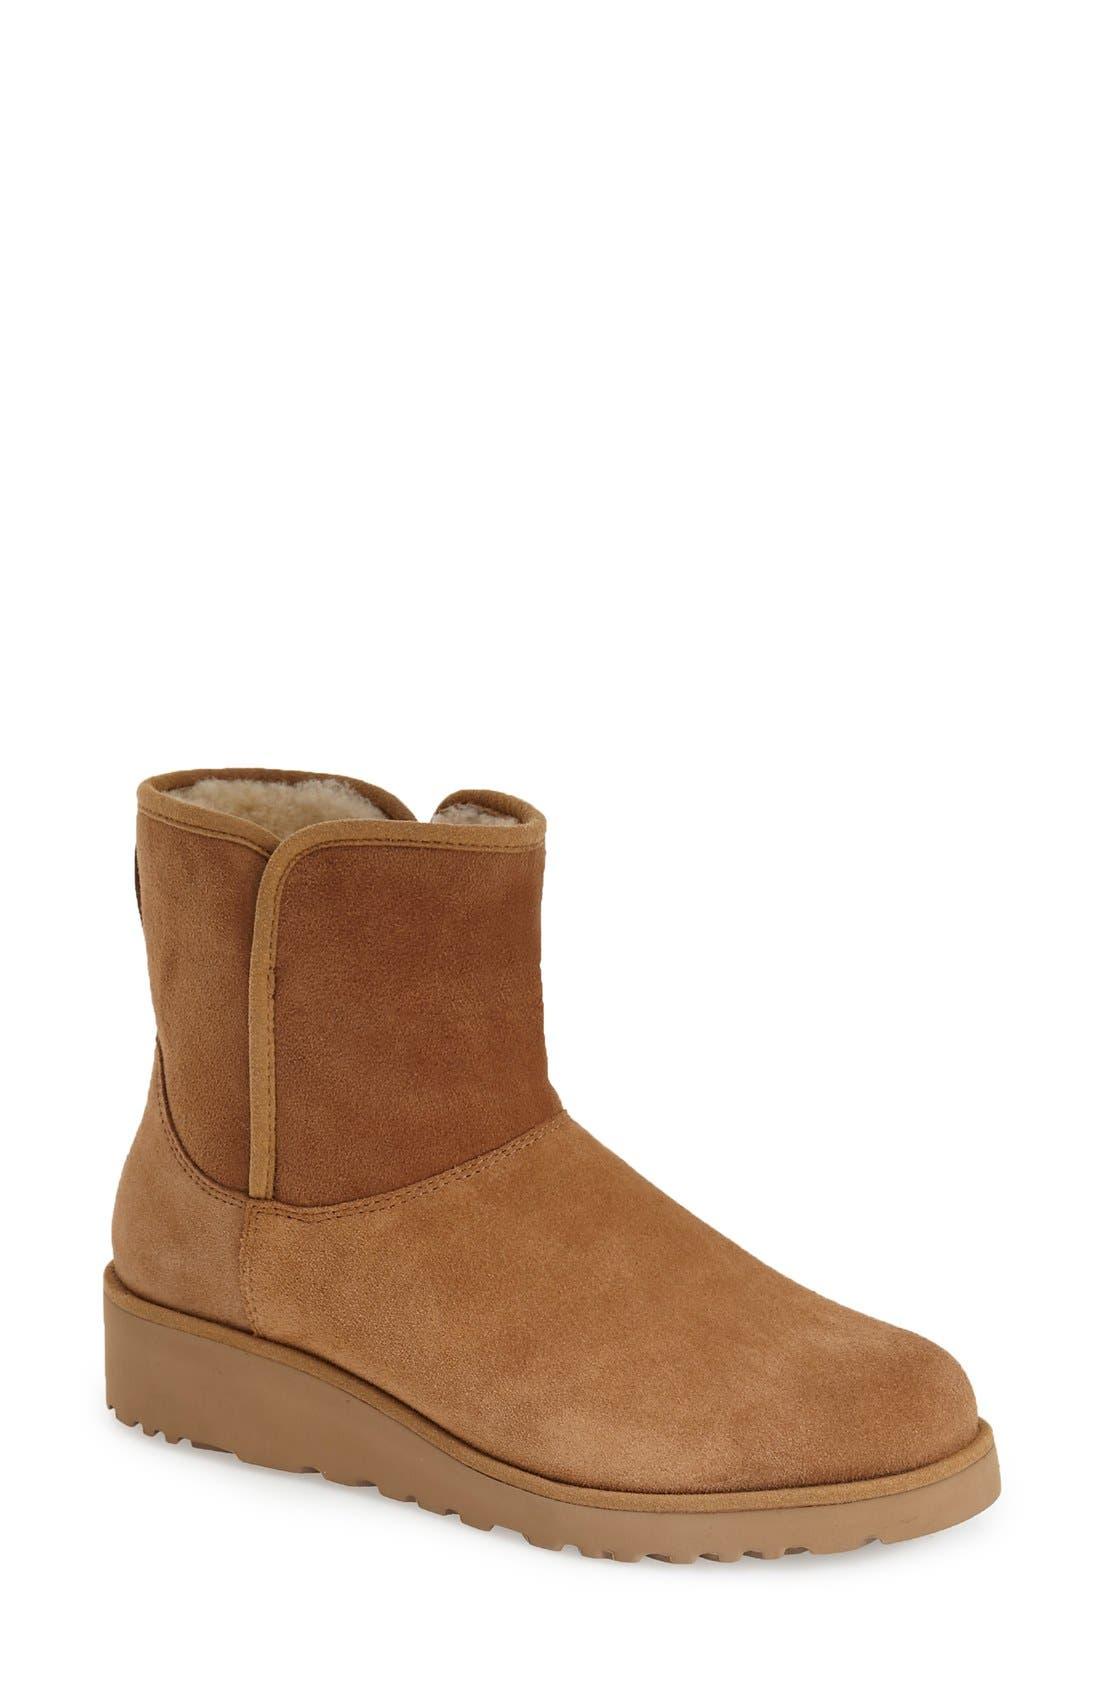 Kristin Classic Slim™ Mini Boot, Chestnut